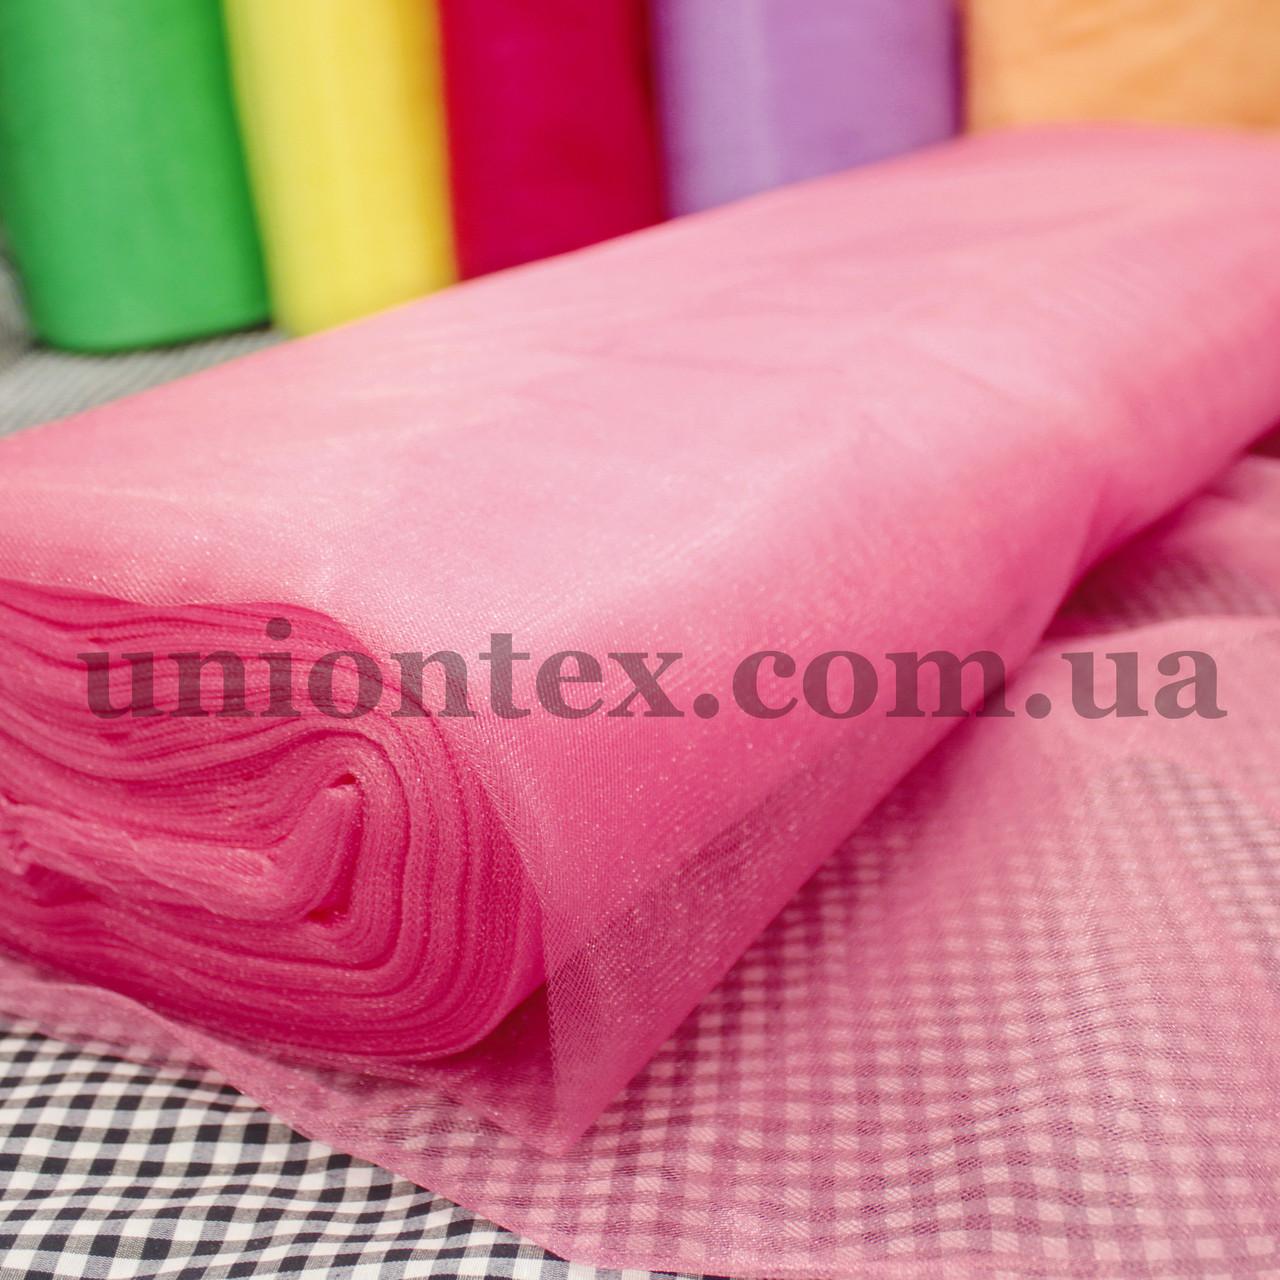 Фатин средней жесткости Kristal tul розовый, ширина 3м